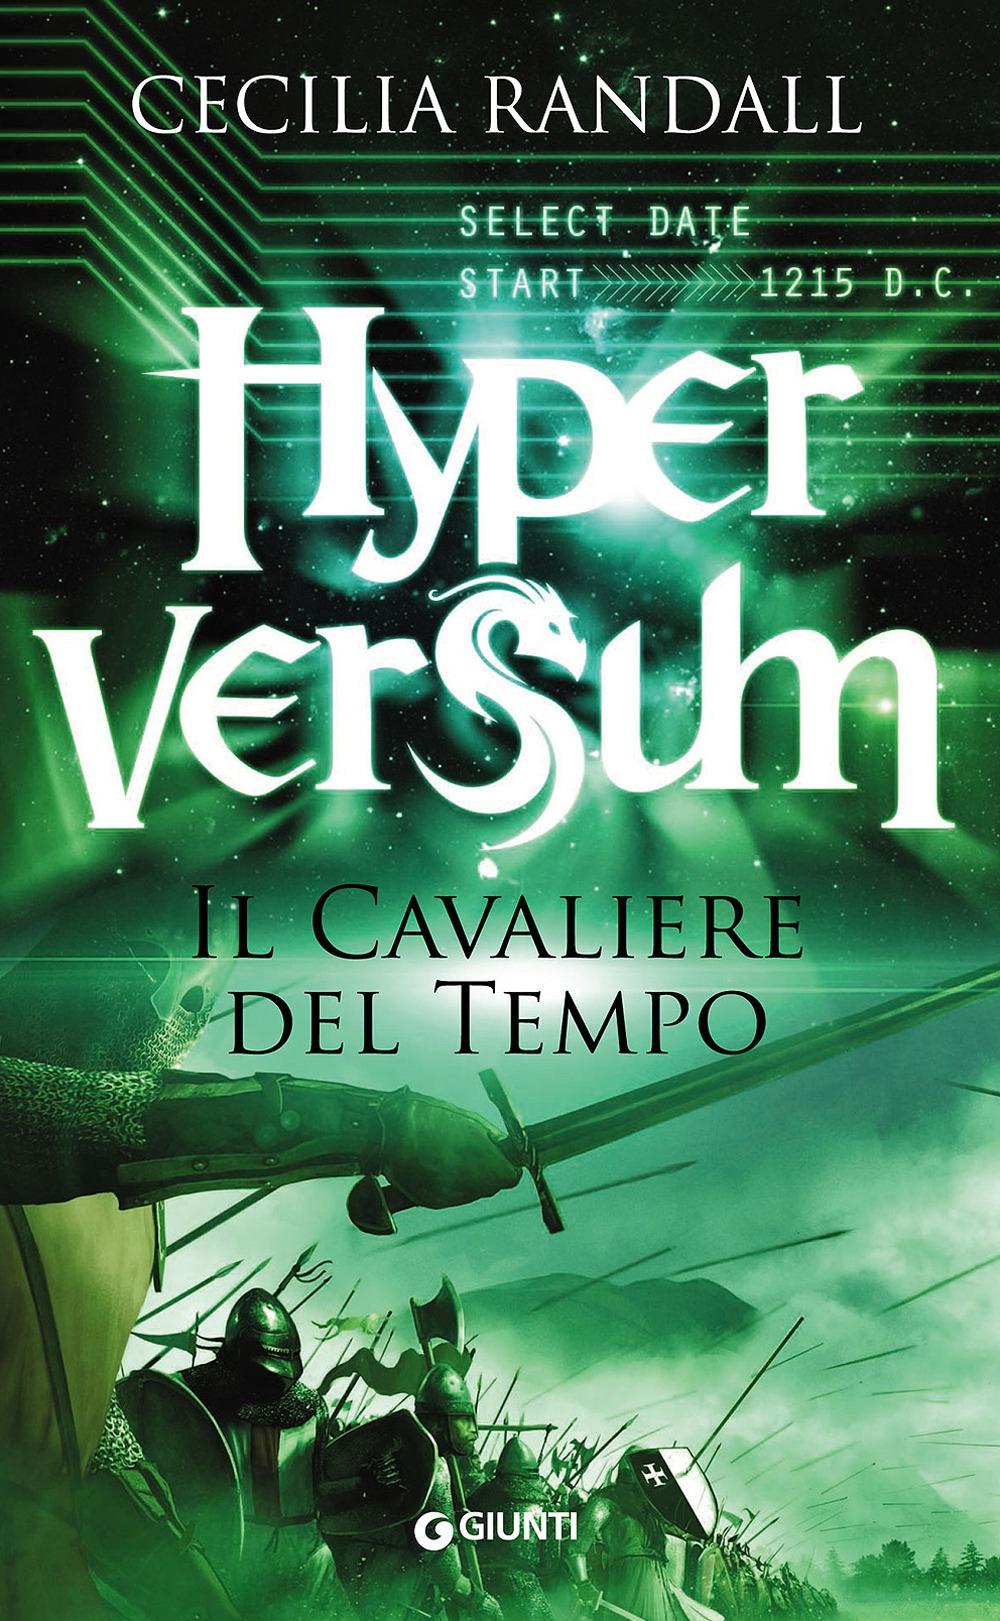 Il cavaliere del tempo. Hyperversum. Vol. 3.